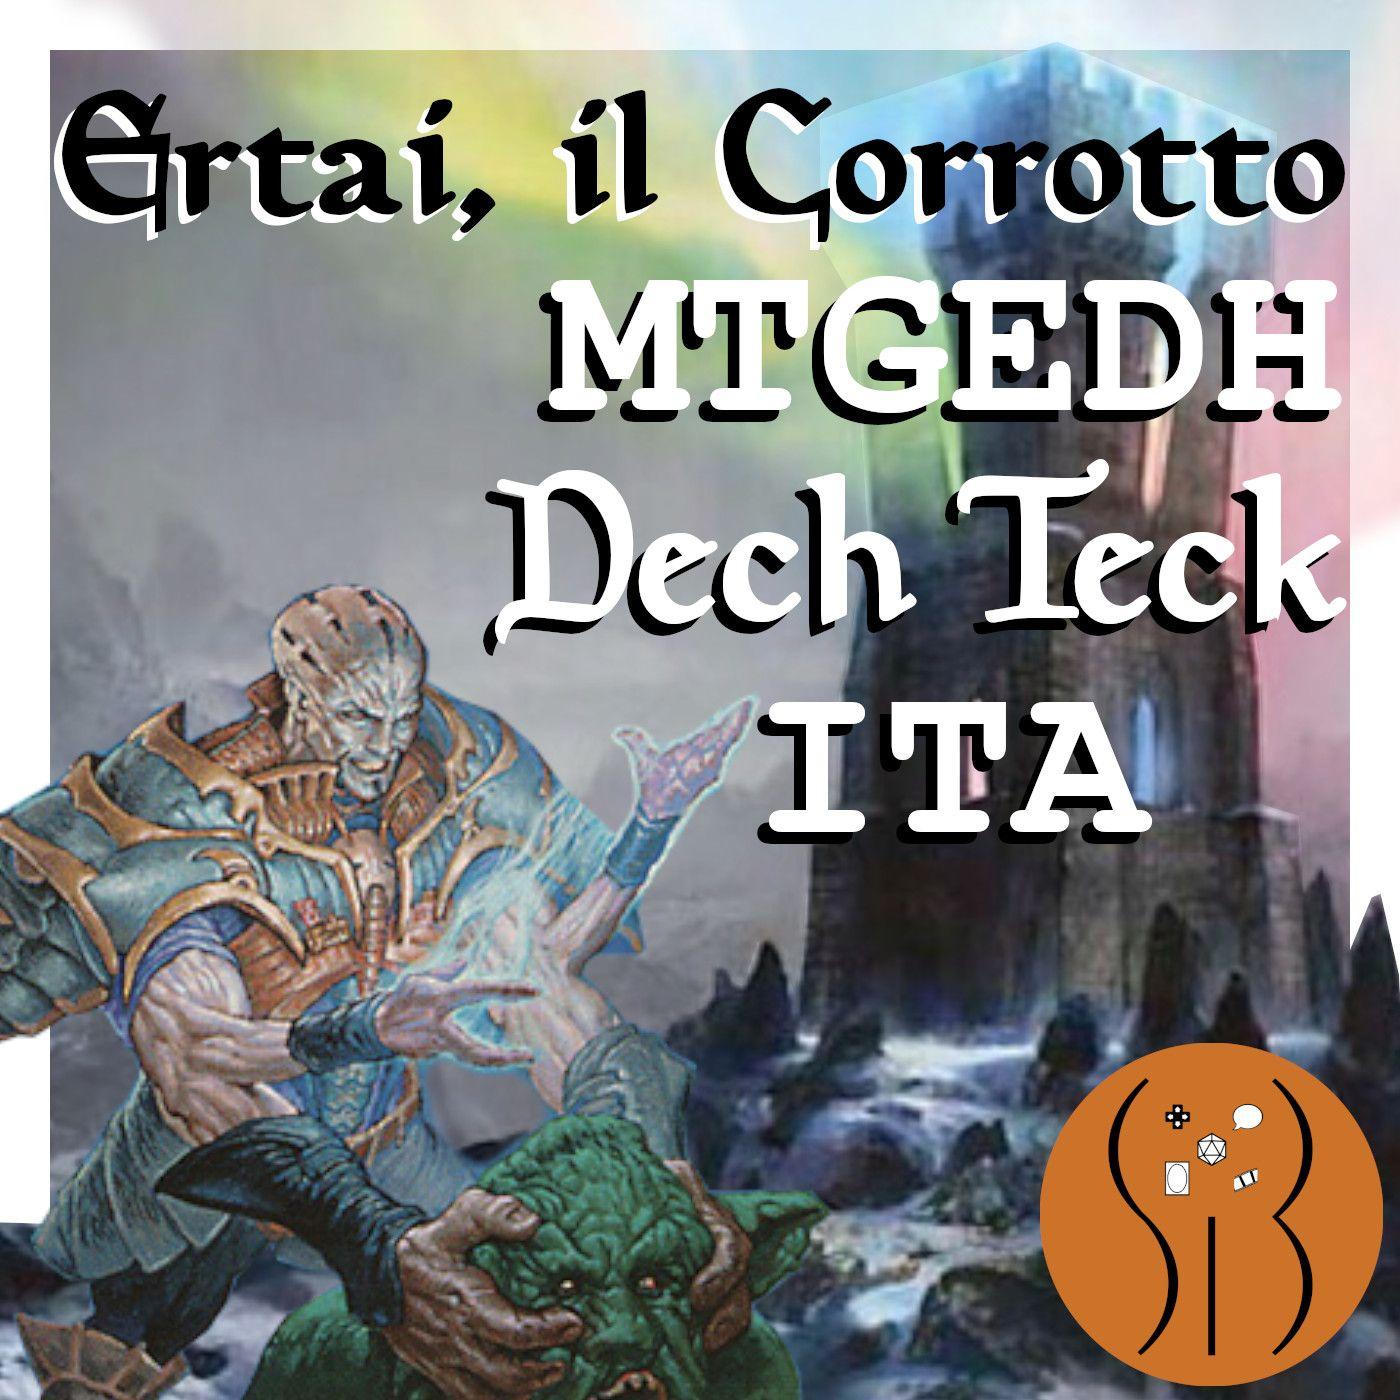 Ertai il Corrotto MTGEDH deck tech ITA